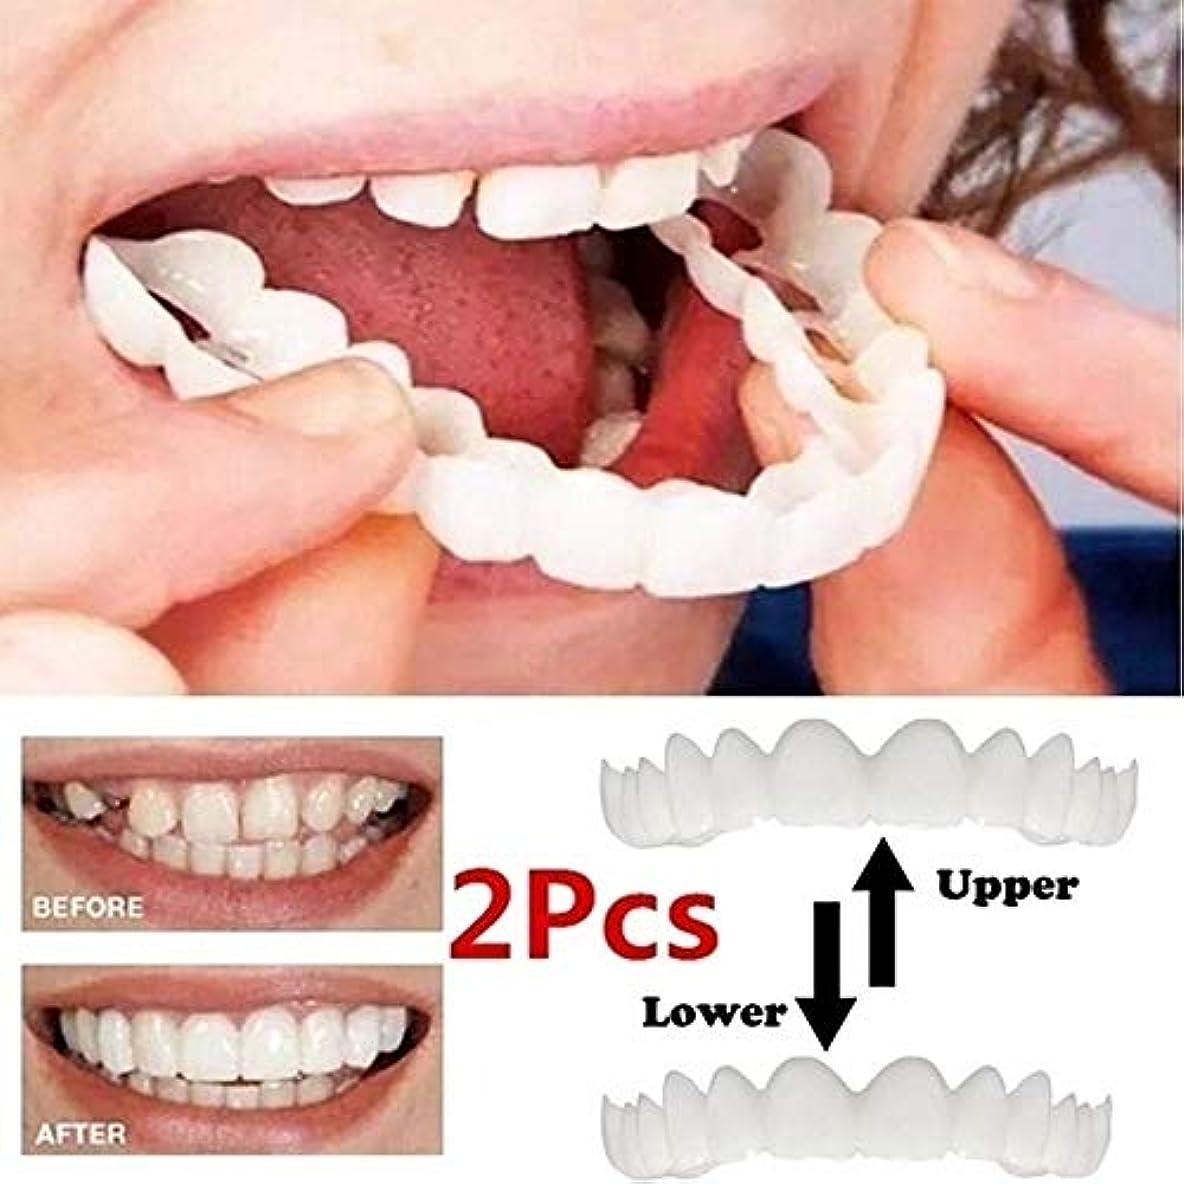 アラビア語エレクトロニック誓約2本上下義歯インスタント笑顔ホワイトニング歯スナップキャップインスタント快適なフレックスパーフェクトベニヤ歯最も快適な義歯ケア